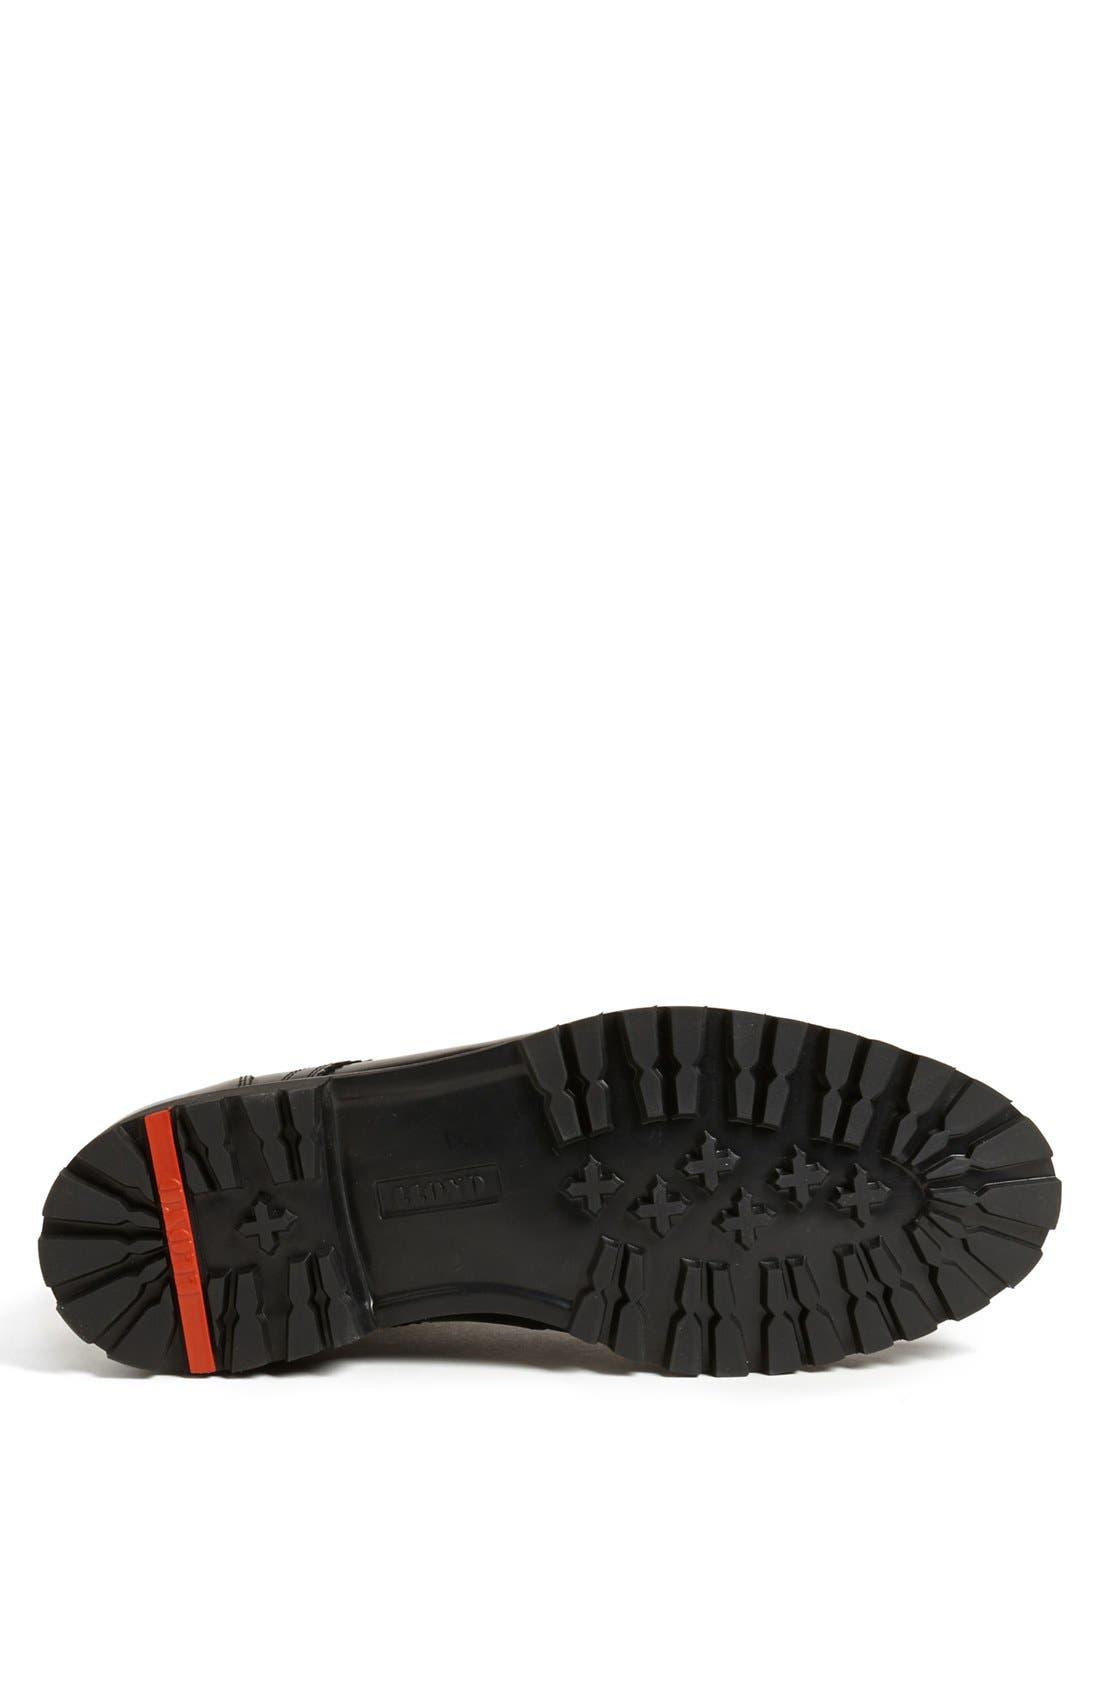 Alternate Image 4  - Lloyd 'Varello' Chukka Boot